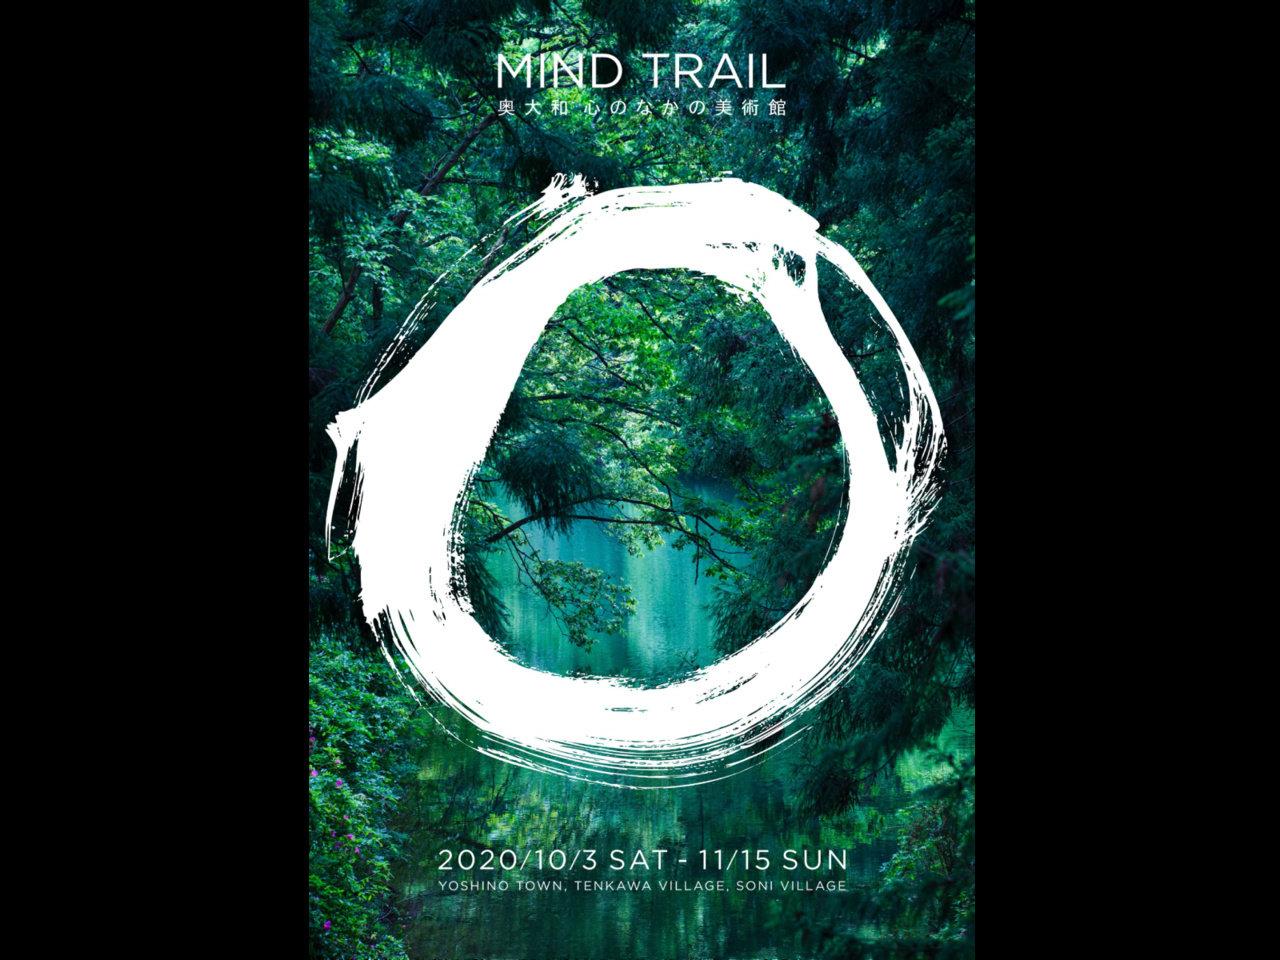 奈良で新たに生まれる芸術祭「MIND